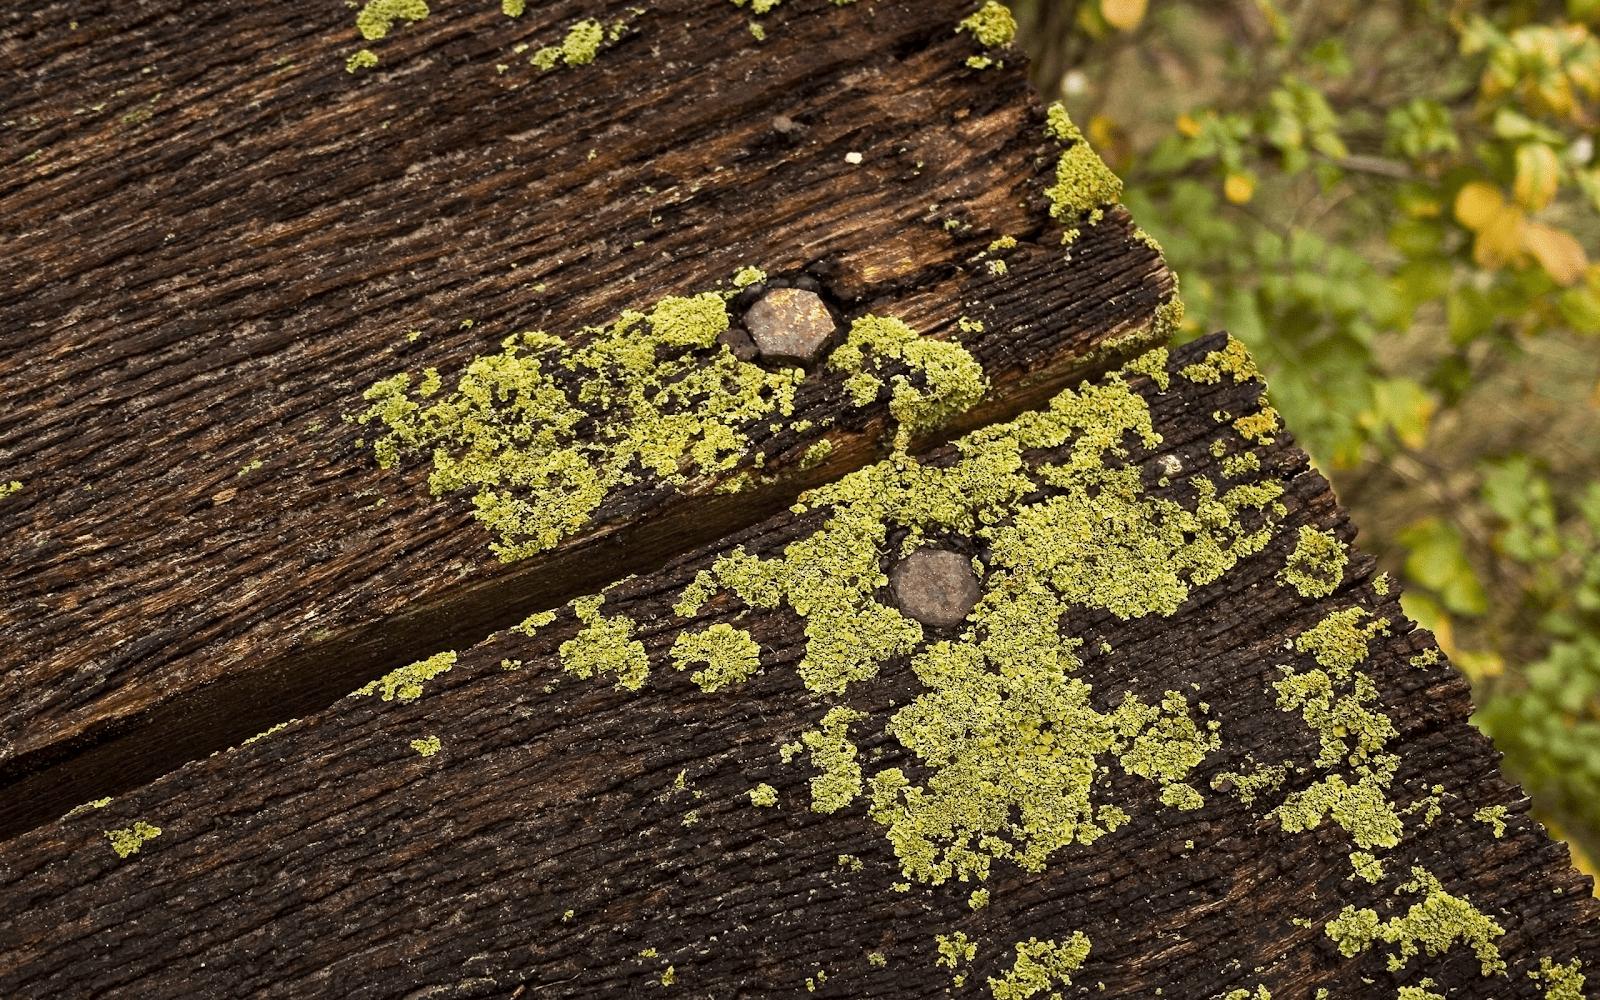 Rêu mọc trên bề mặt sàn gỗ ngoài trời